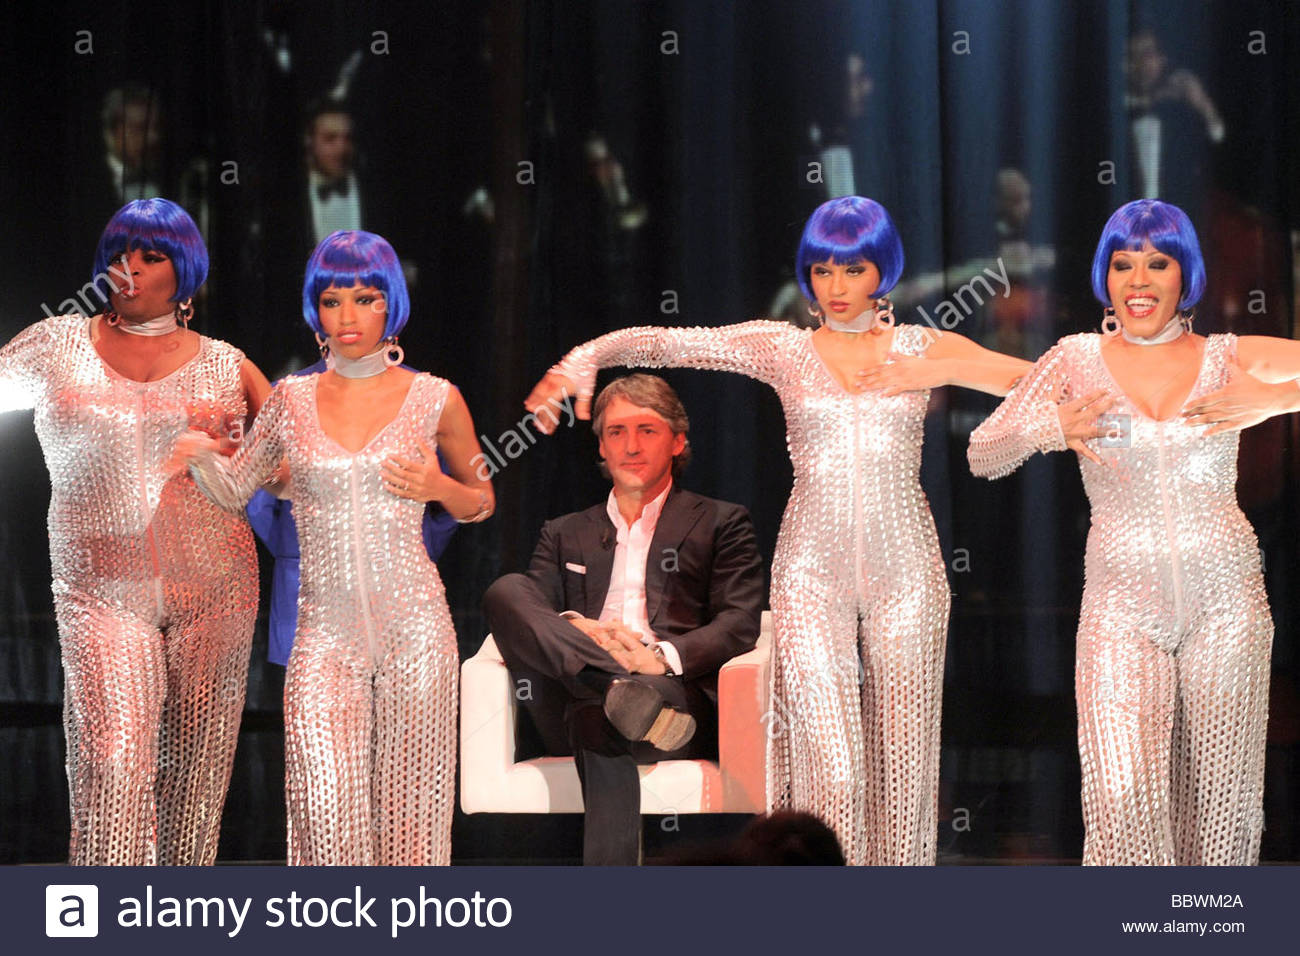 roberto mancini, milano 2009, chiambretti night tv show - Stock Image